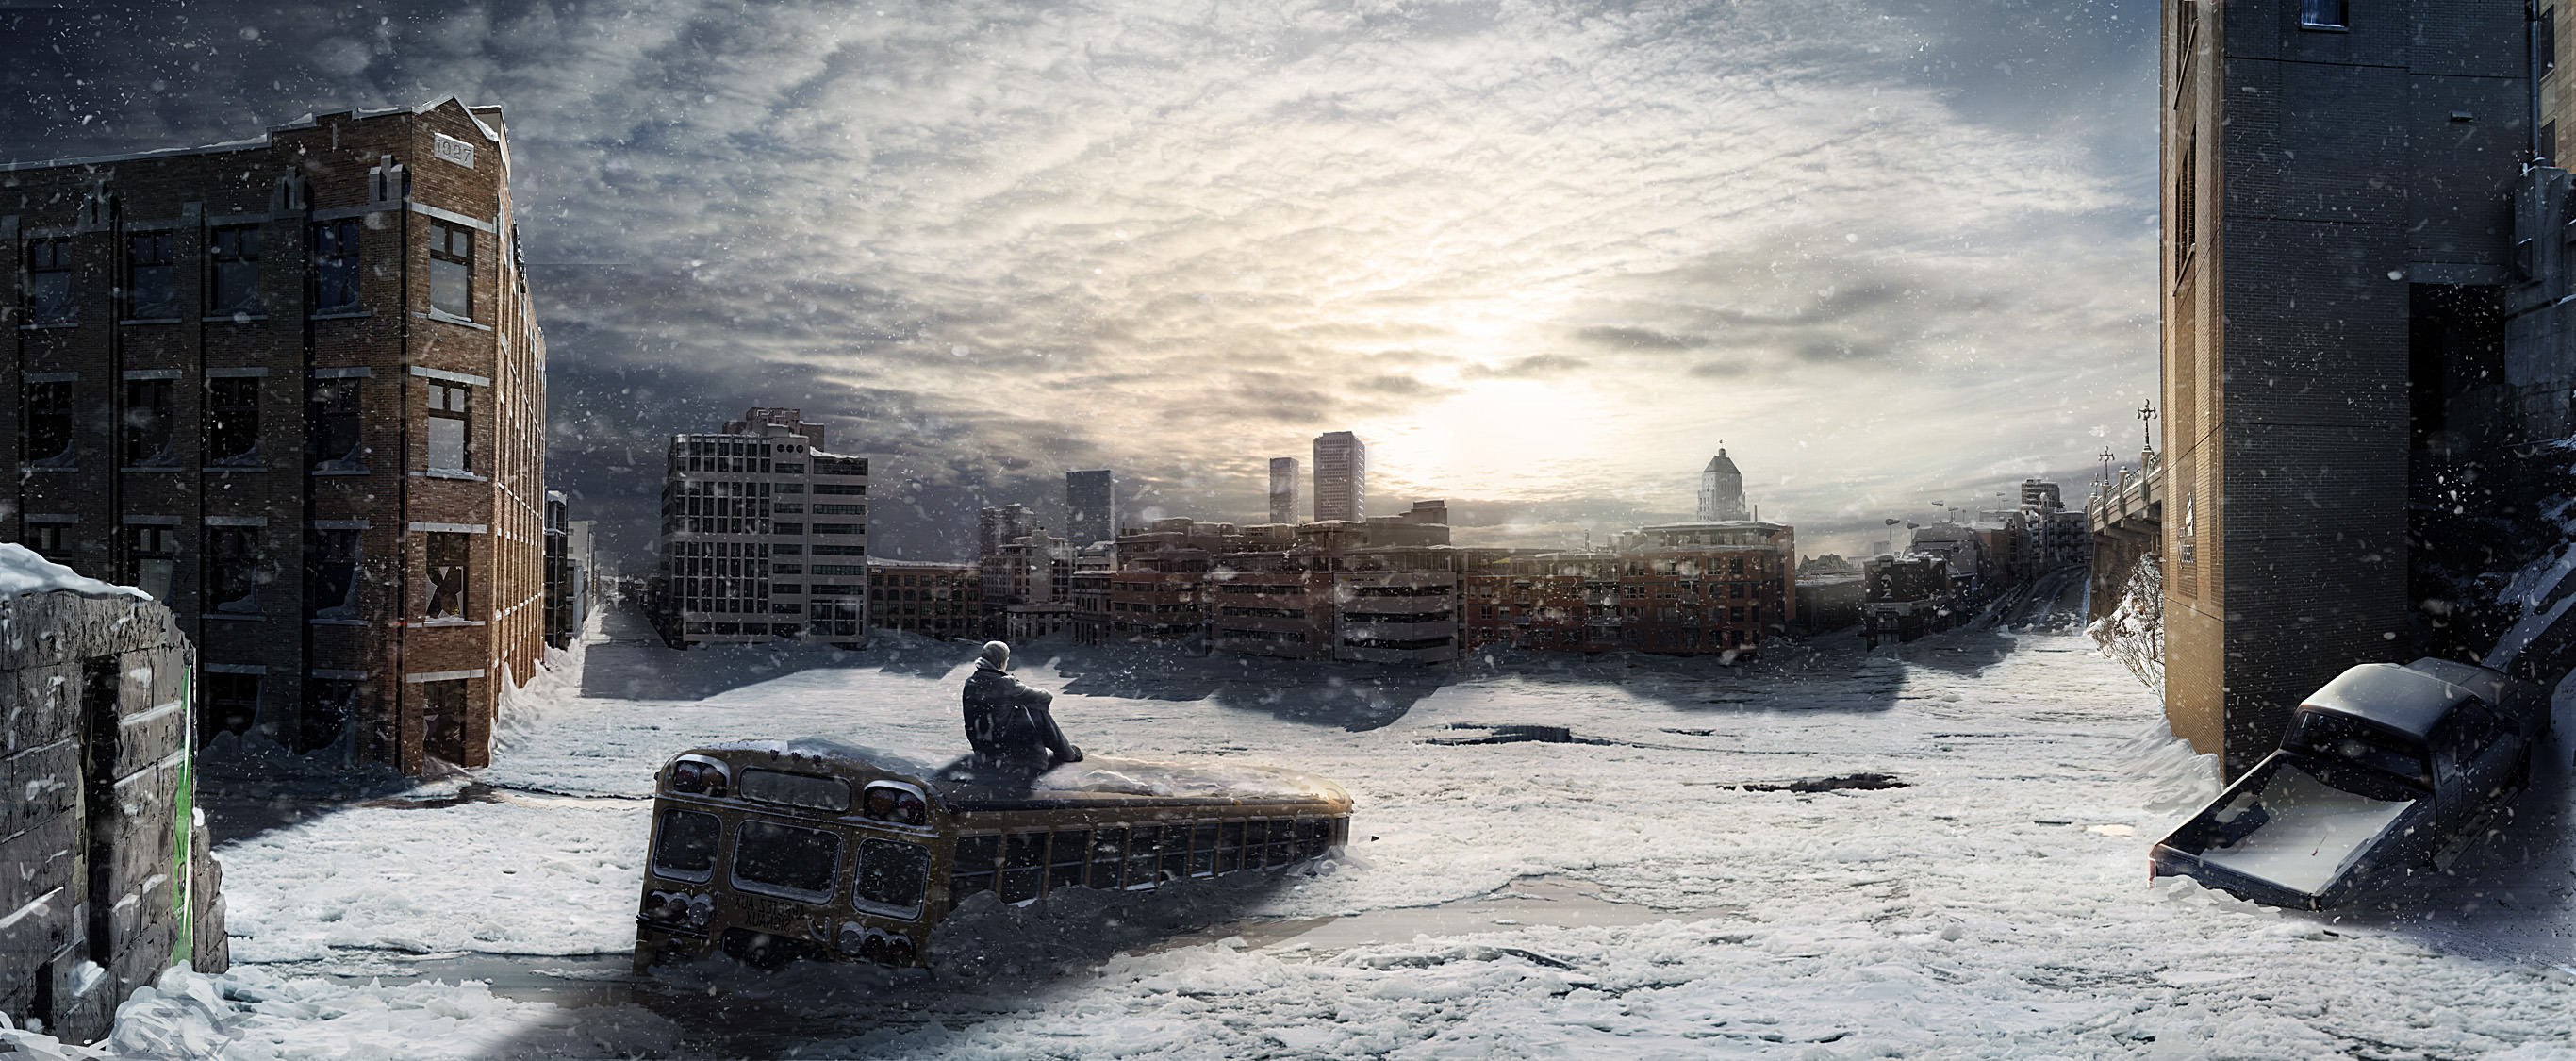 photoshop apocalyptic city tutorial